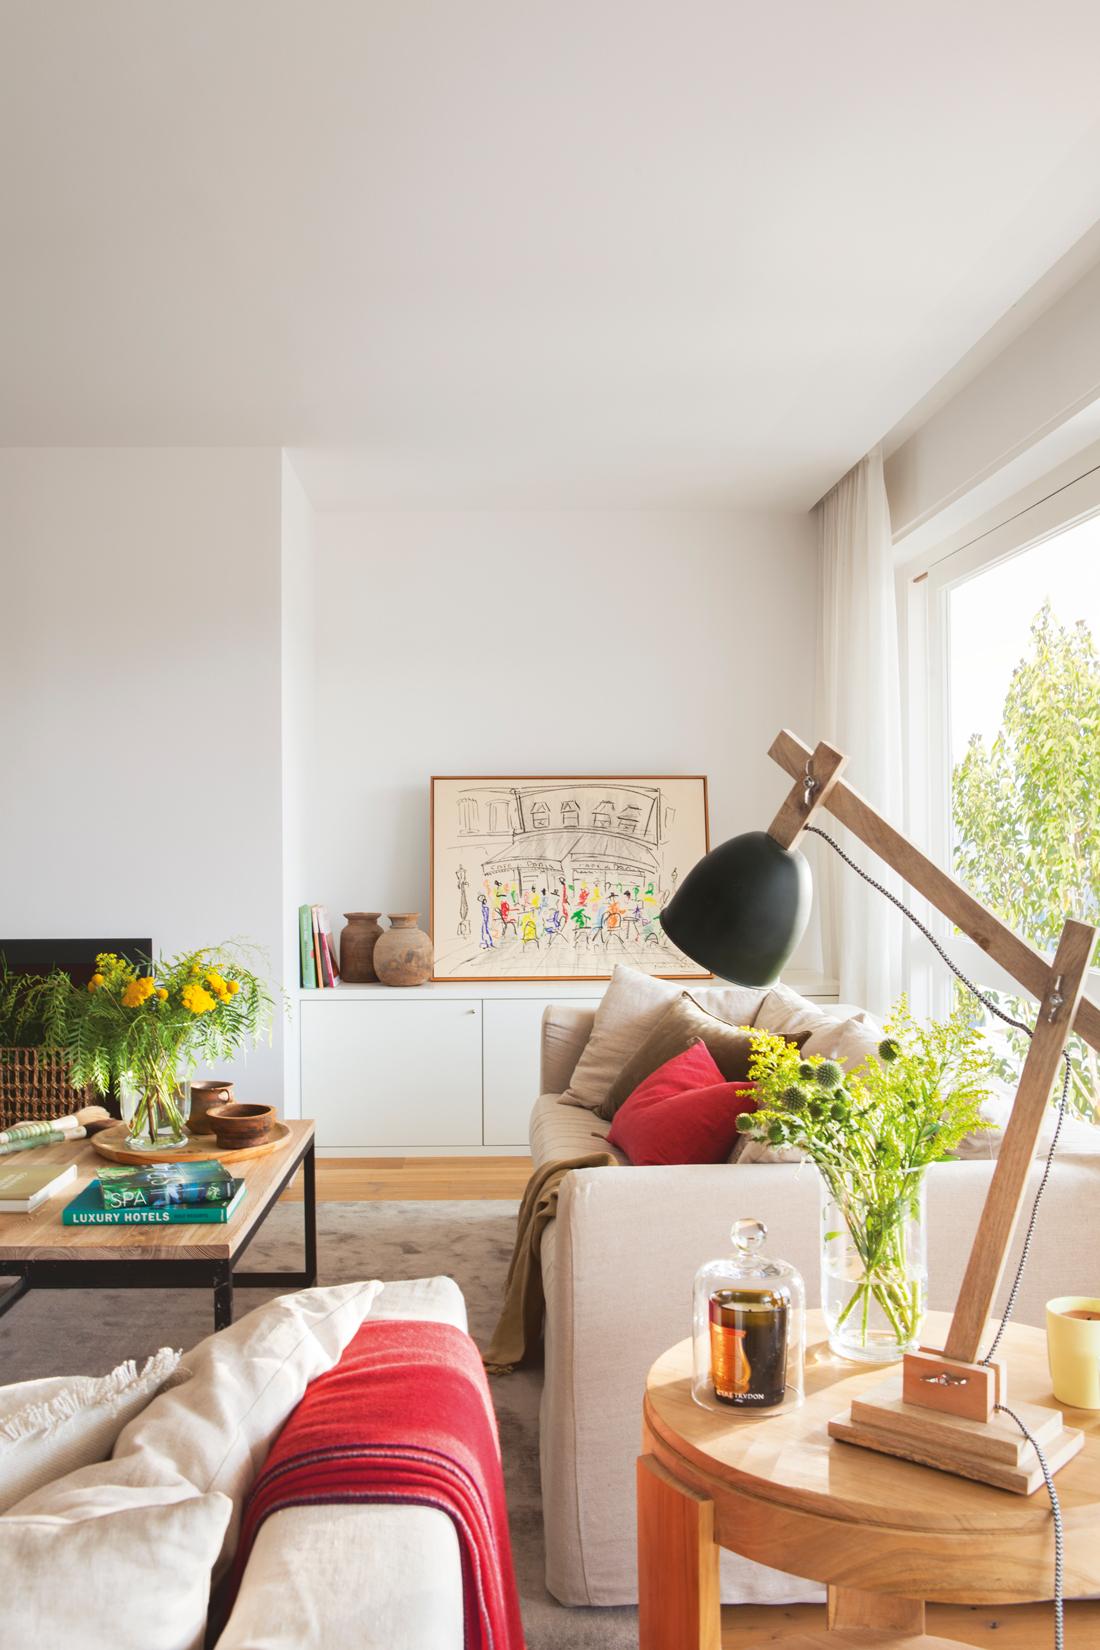 00436925. Sofá blanco con auxiliares en madera, lámpara en madera y negro y cojines y plaid en rojo 00436925